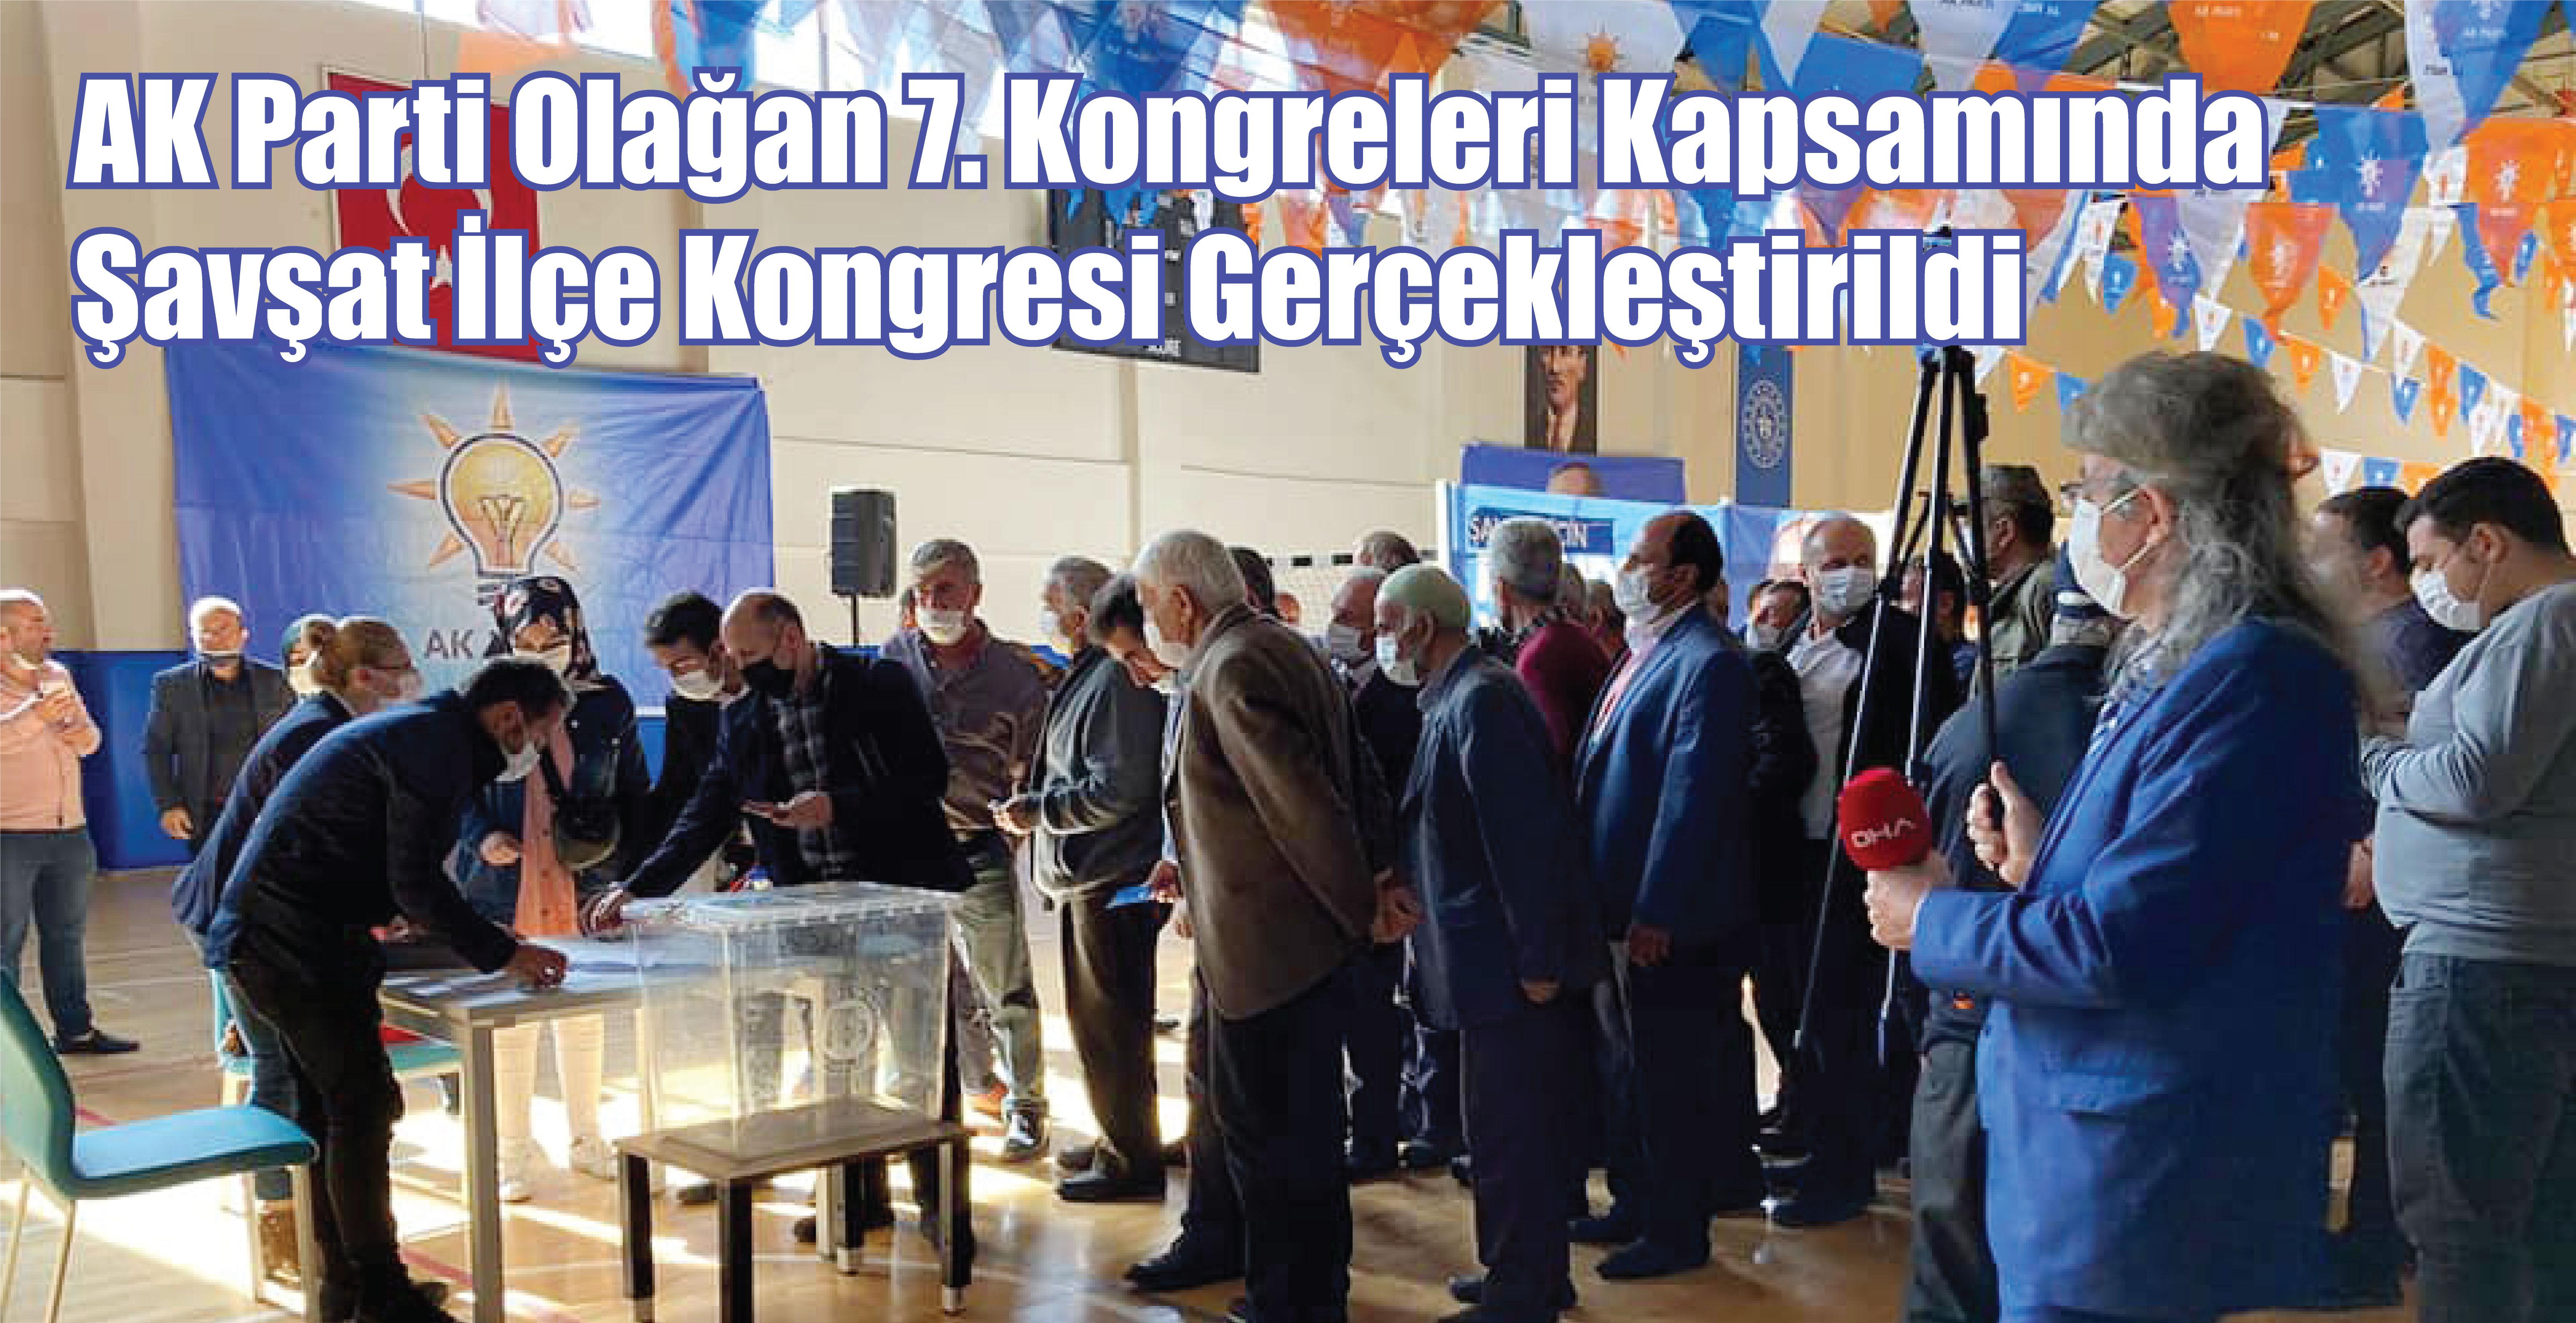 AK Parti Olağan 7. Kongreleri Kapsamında Şavşat İlçe Kongresi Gerçekleştirildi